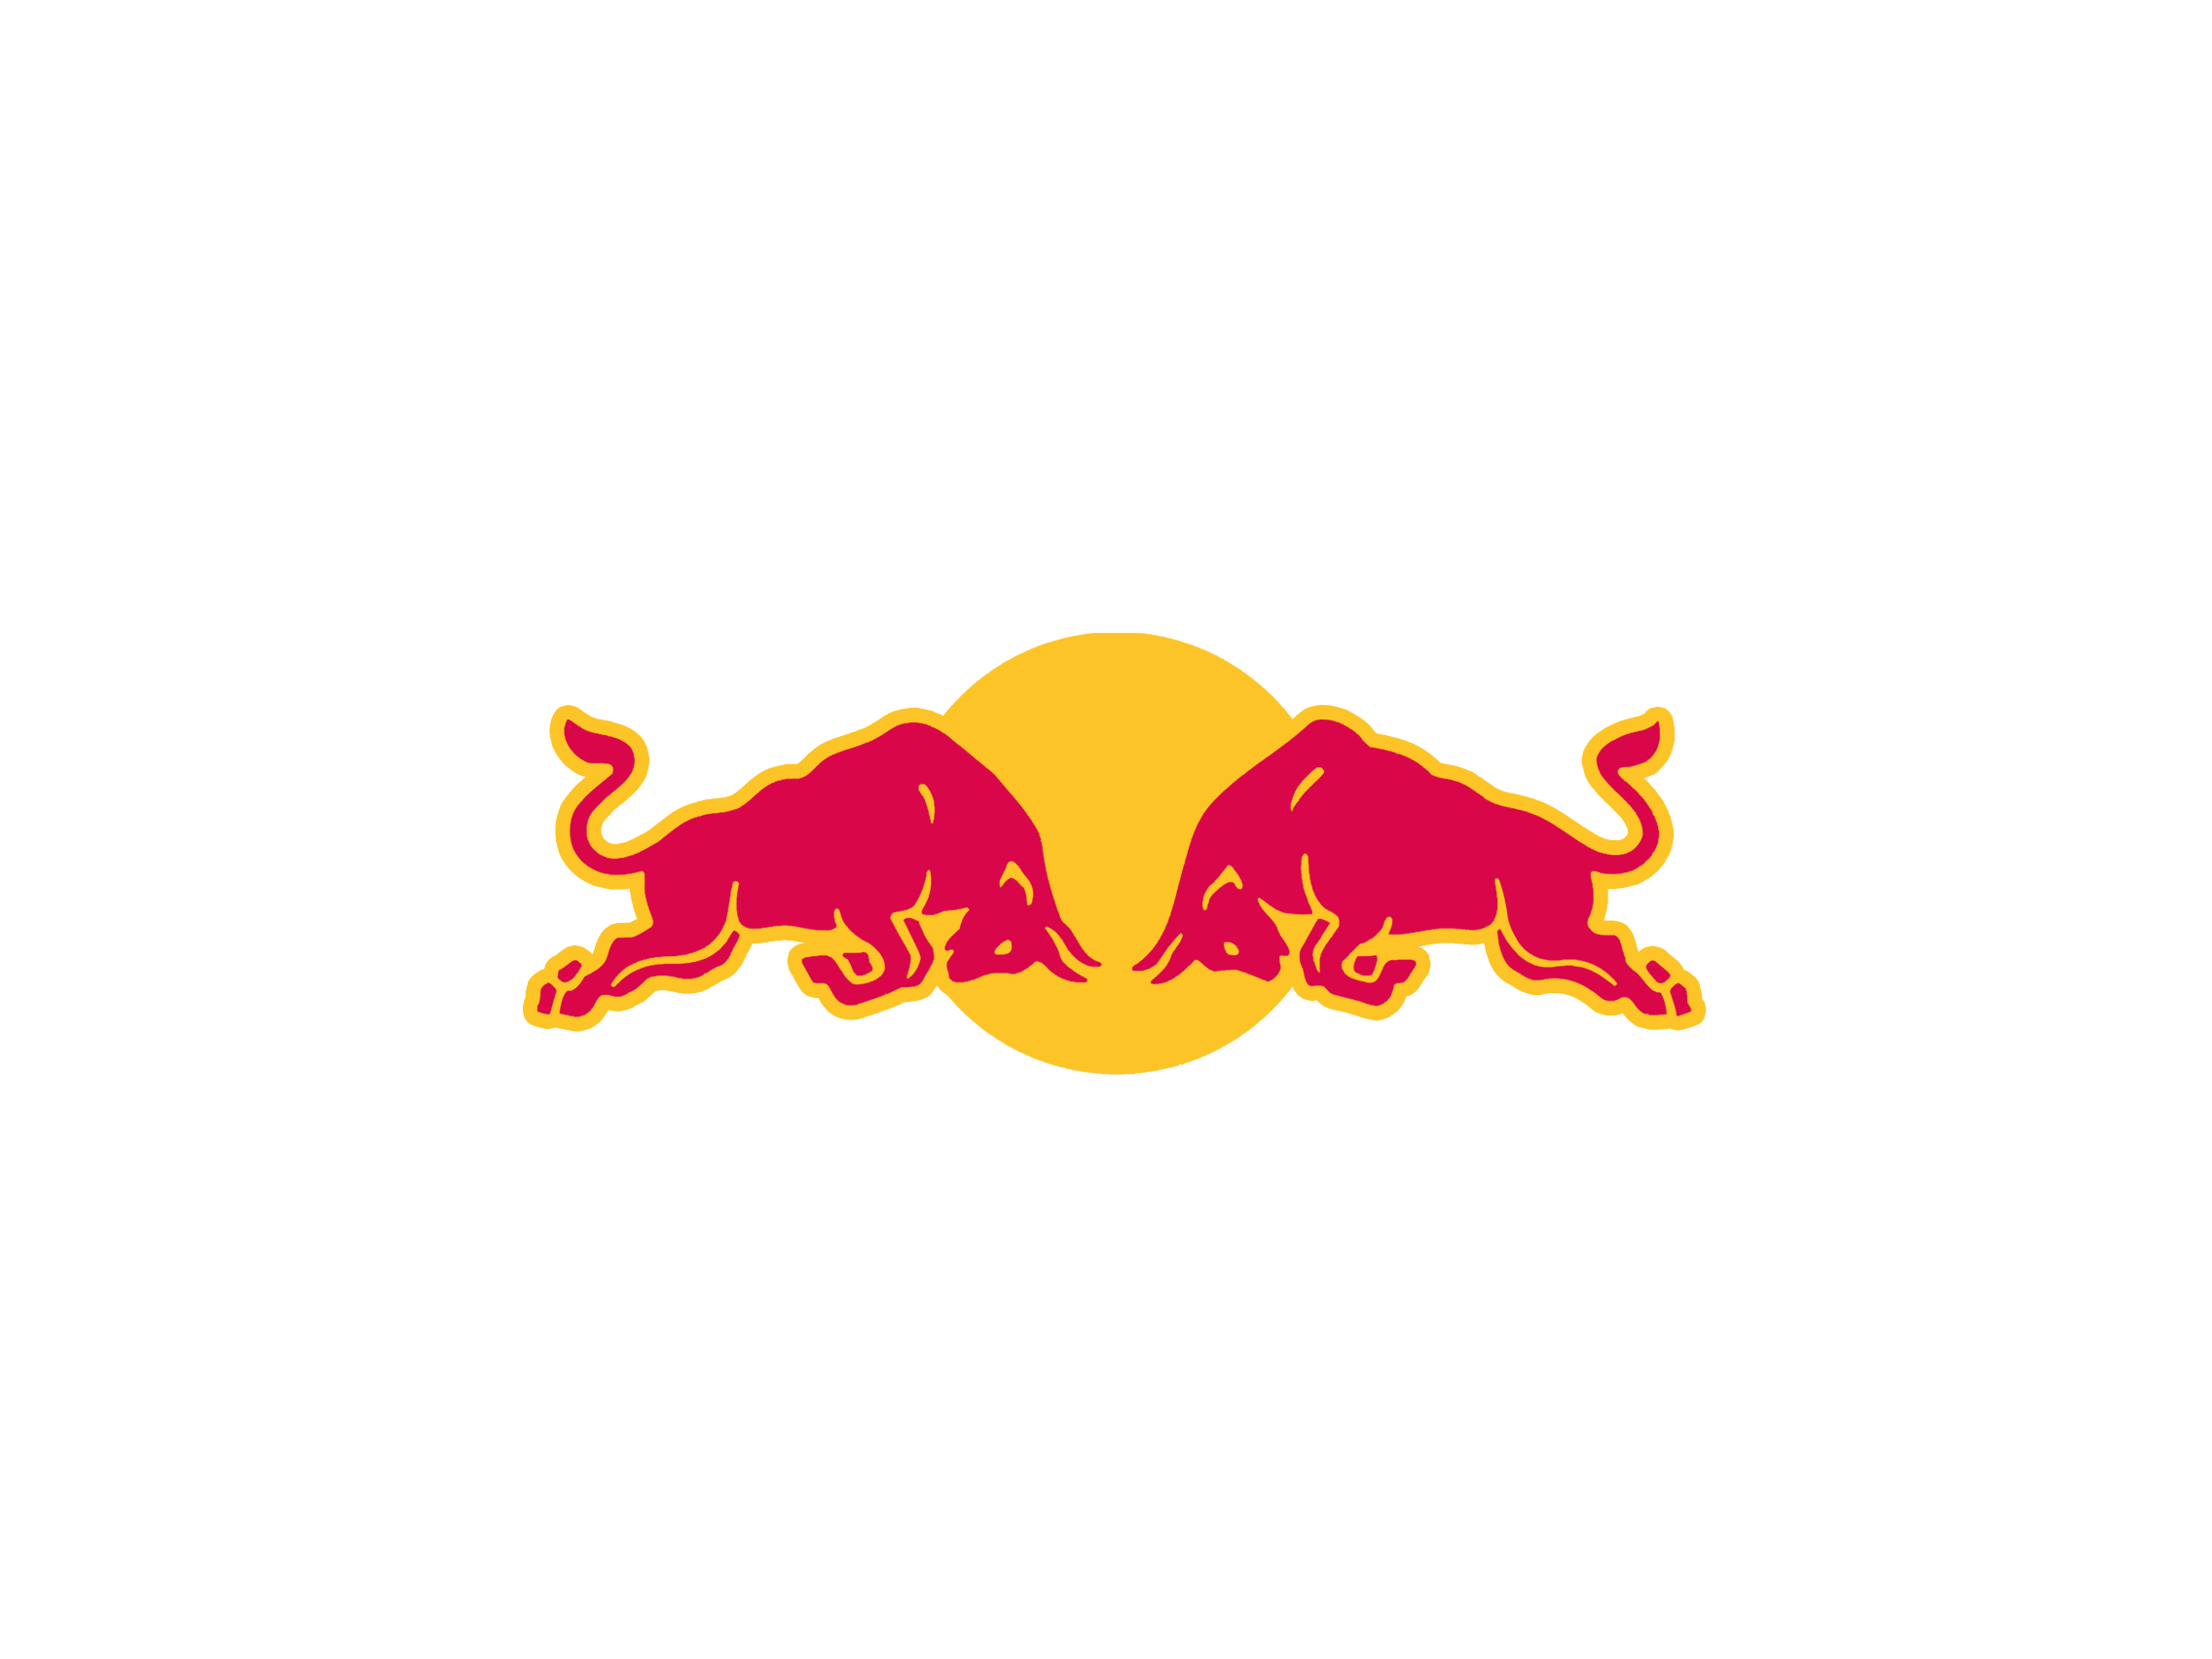 red bull energy png logo #2831